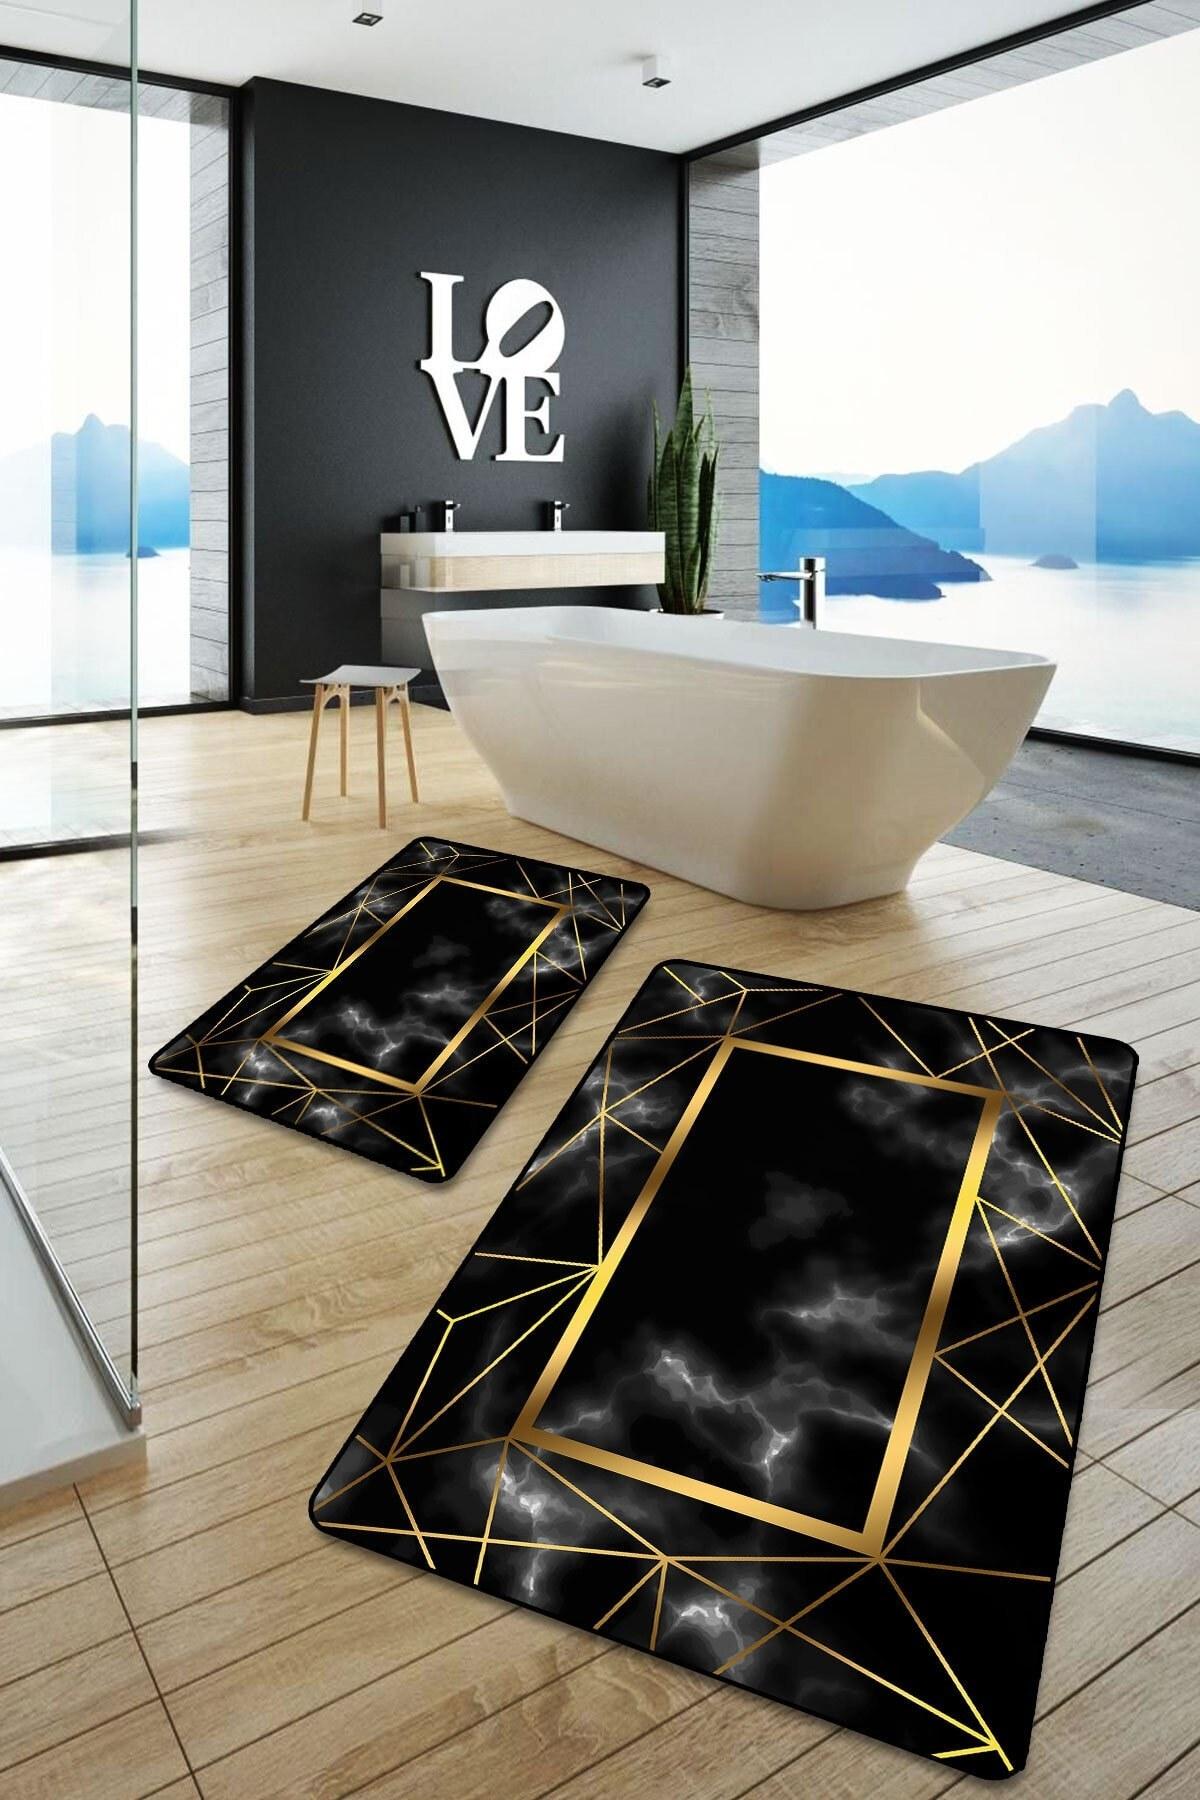 تصویر زیرپایی فرش حمام قابل شستشو مدرن راهراه طلایی مشکی برند evimisa کد 1621228445